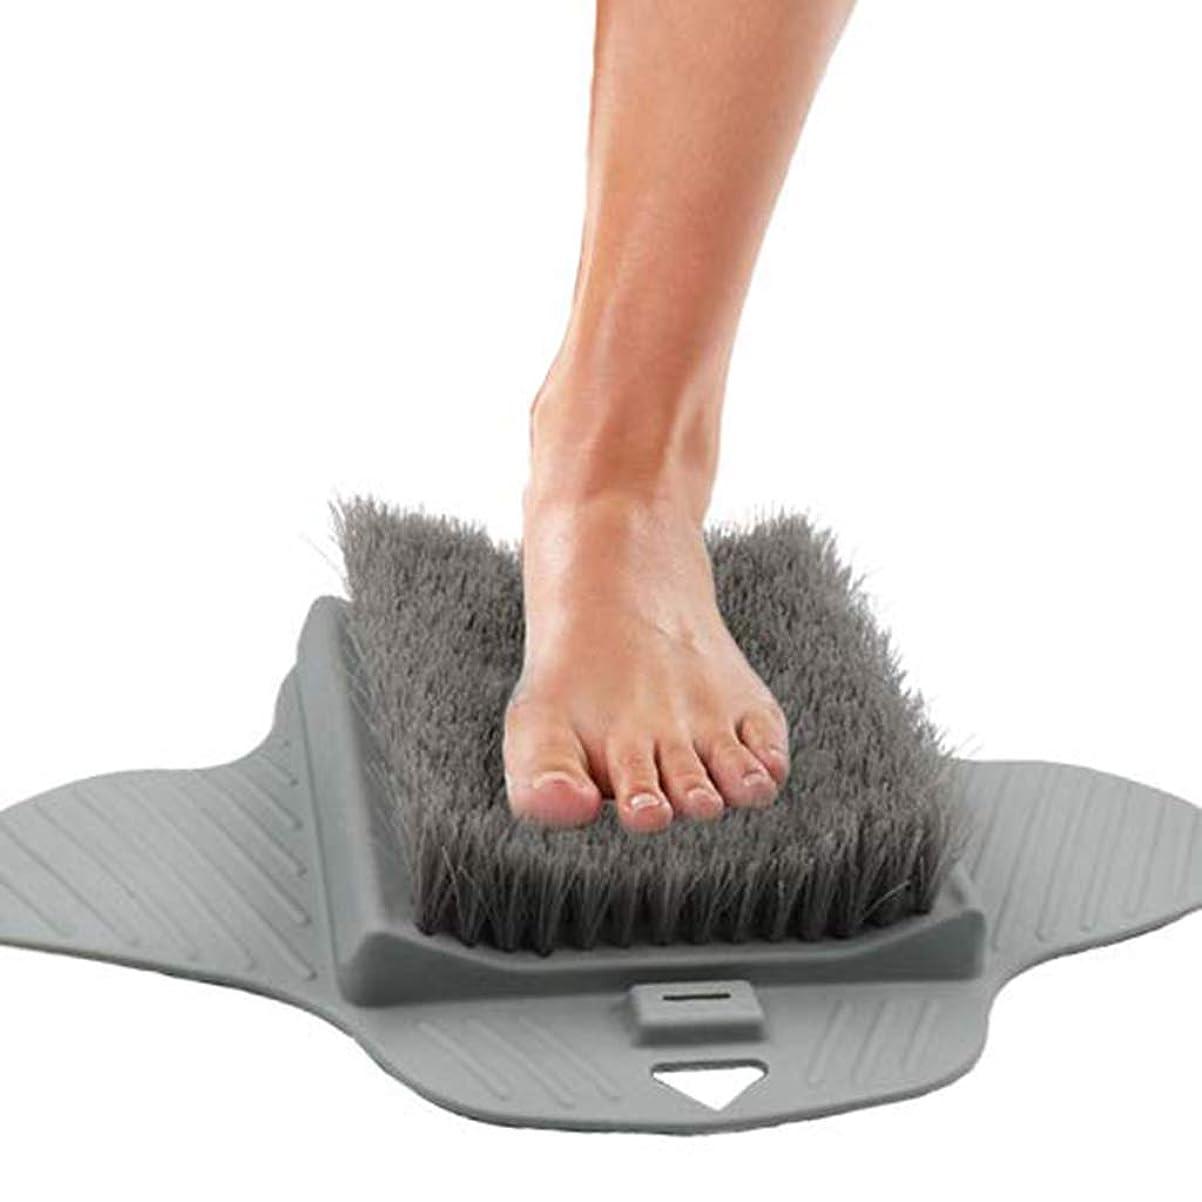 ボーダーケーブルみなす角質除去フットマッサージャースクラバー、シャワーフック付き、足の掃除が簡単&シャワーフロアフットスクラブ、グレー用